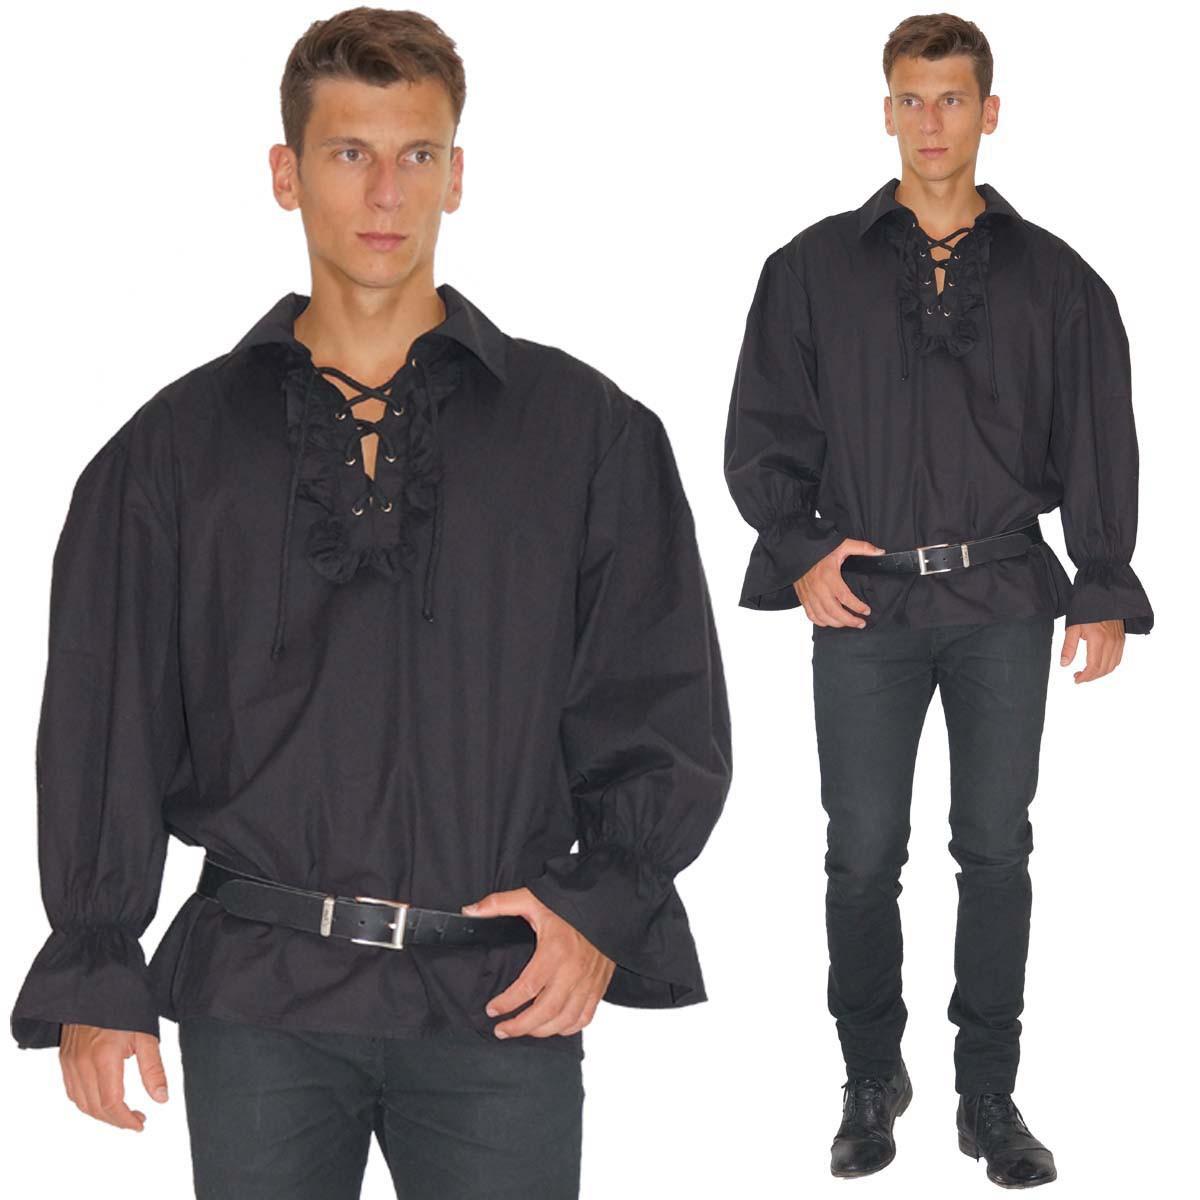 Piratenhemd Rüschenhemd Mittelalter Hemd Baumwolle schwarz